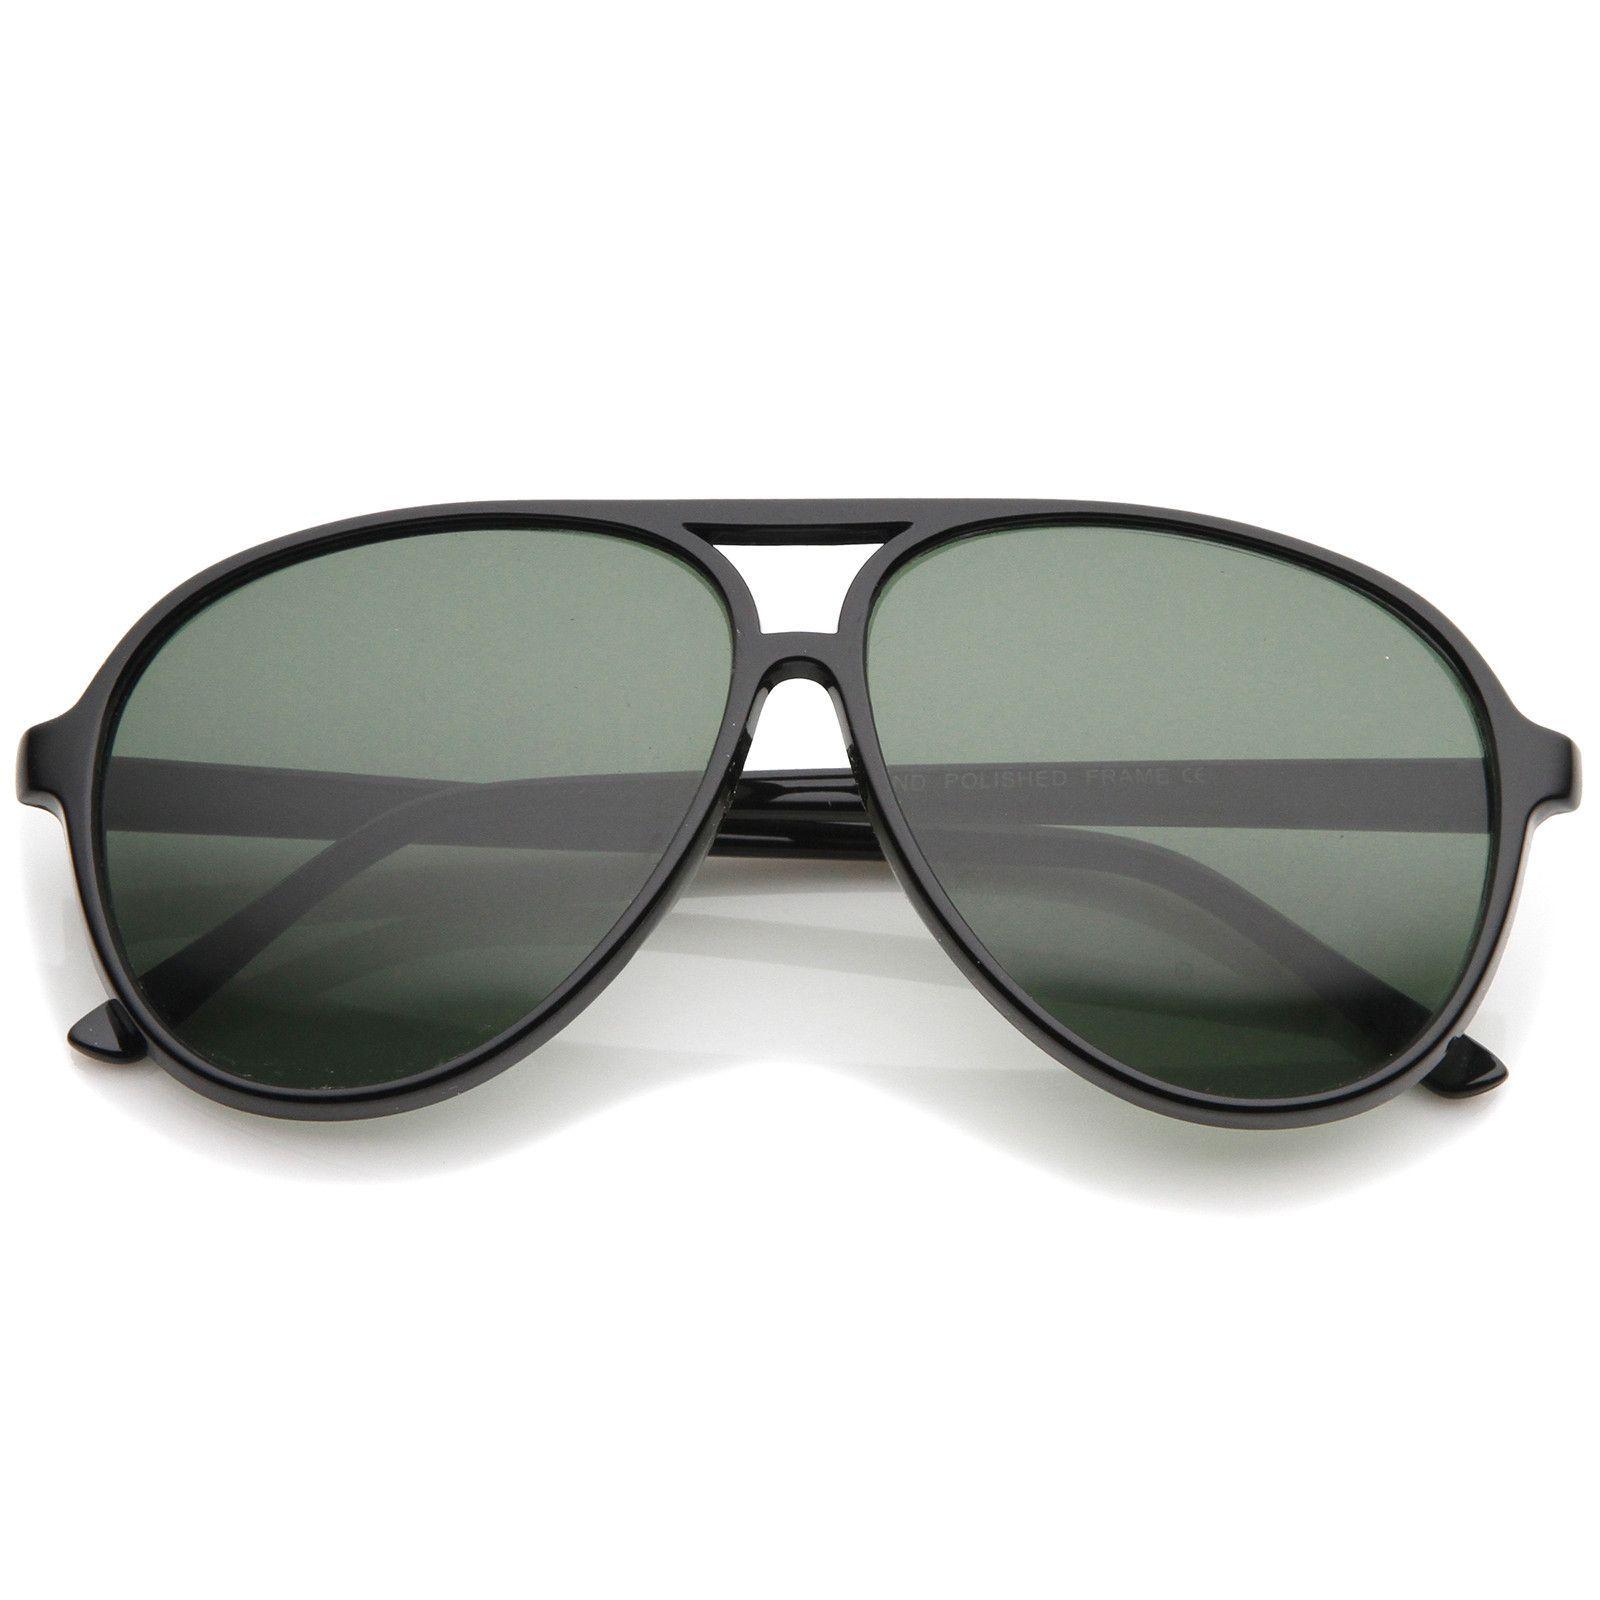 9e6a537863c Retro Flat Top Teardrop Shaped Neutral Colored Lens Aviator Sunglasses 59mm   sunglass  frame